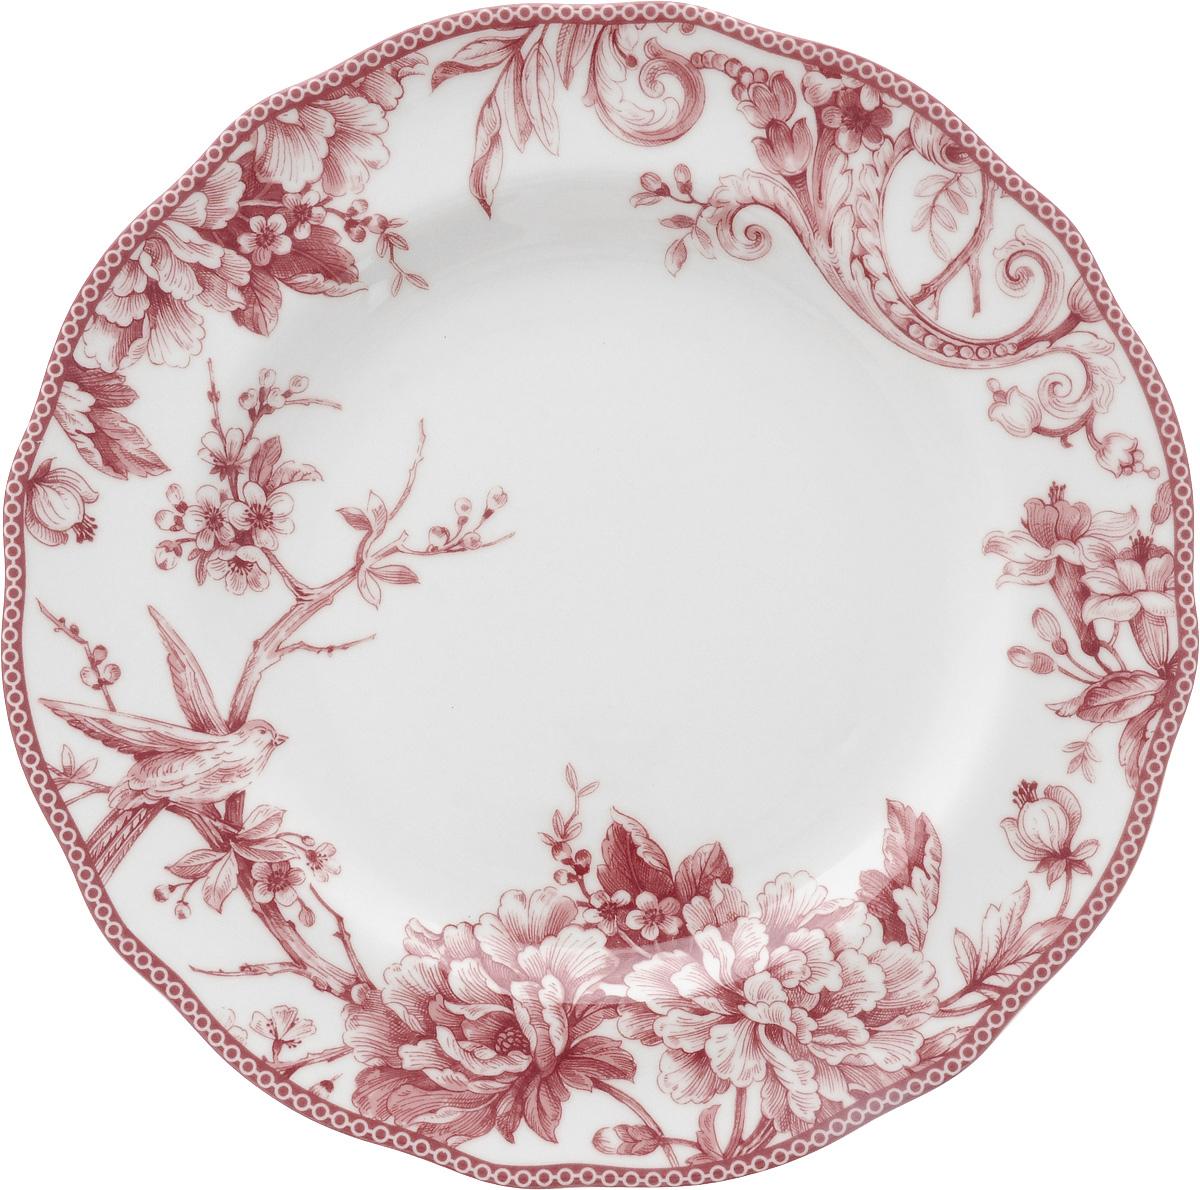 Тарелка обеденная Sango Ceramics Аделаида Бордо, диаметр 27,5 смUTAB97110Обеденная тарелка Sango Ceramics Аделаида Бордо, изготовленная из высококачественной керамики, имеет изысканный внешний вид. Она идеально подходит для красивой сервировки стола. Изделие прекрасно впишется в интерьер вашей кухни и станет достойным дополнением к кухонному инвентарю. Тарелка Sango Ceramics Аделаида Бордо подчеркнет прекрасный вкус хозяйки и станет отличным подарком. Можно мыть в посудомоечной машине и использовать в микроволновой печи. Диаметр тарелки (по верхнему краю): 27,5 см. Высота тарелки: 3 см.